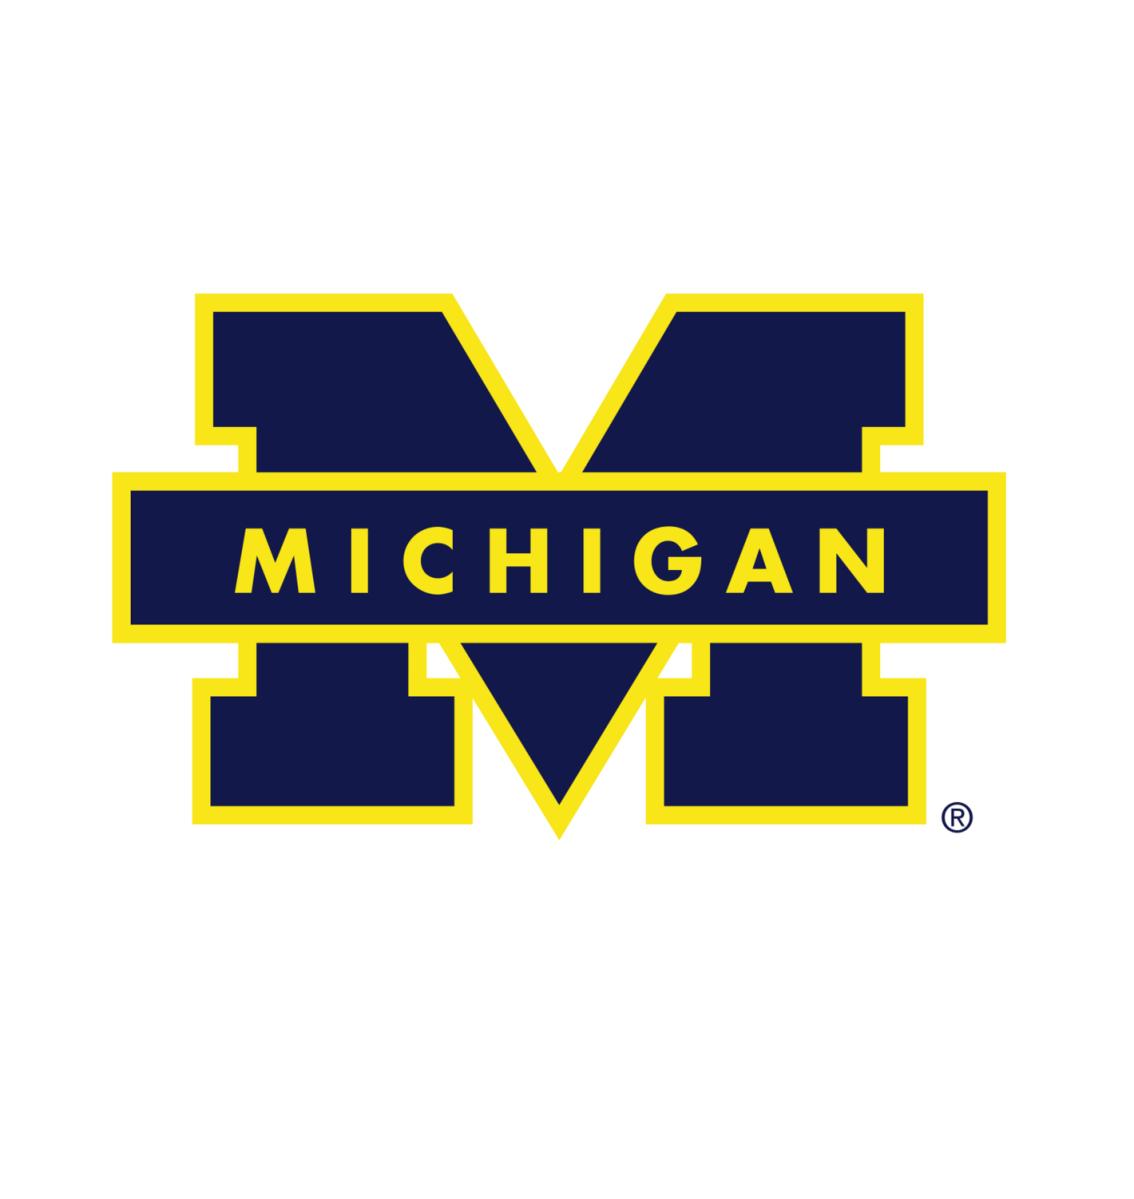 Michigan | Zone Offense - SLOB - Ballscreen - Overload